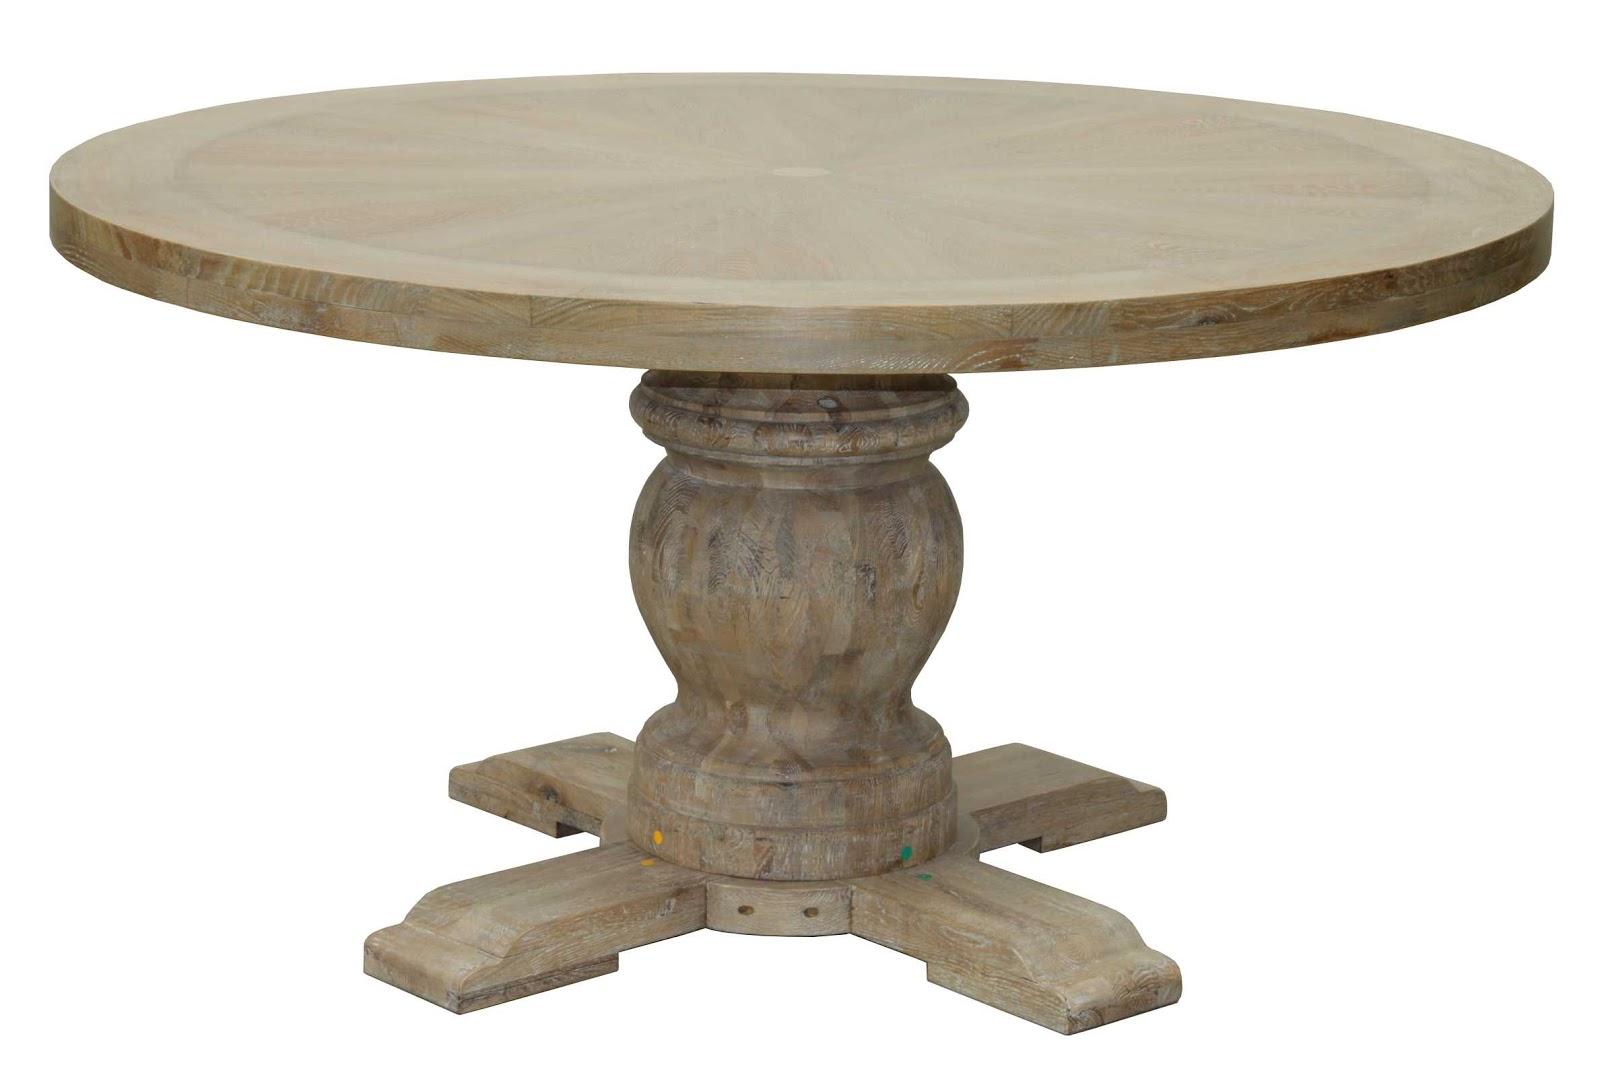 Mi mundo aparte diciembre 2012 for Como hacer una mesa redonda de madera